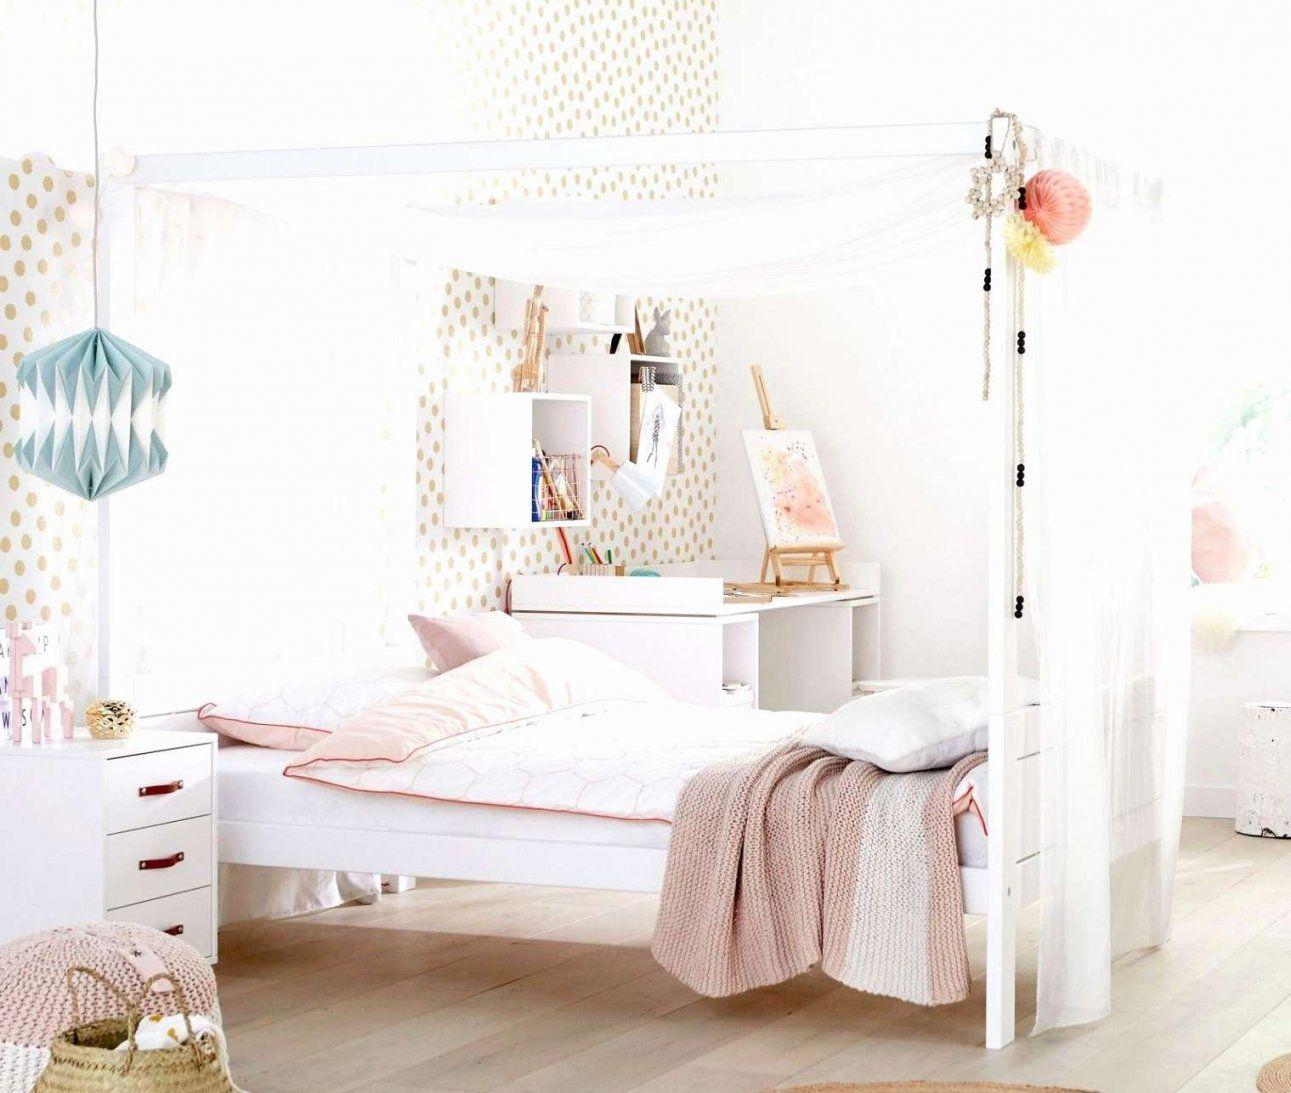 22 Einzigartig Auflistung Von Kinderbett Selber Bauen Prinzessin von Kinderbett Selber Bauen Prinzessin Bild